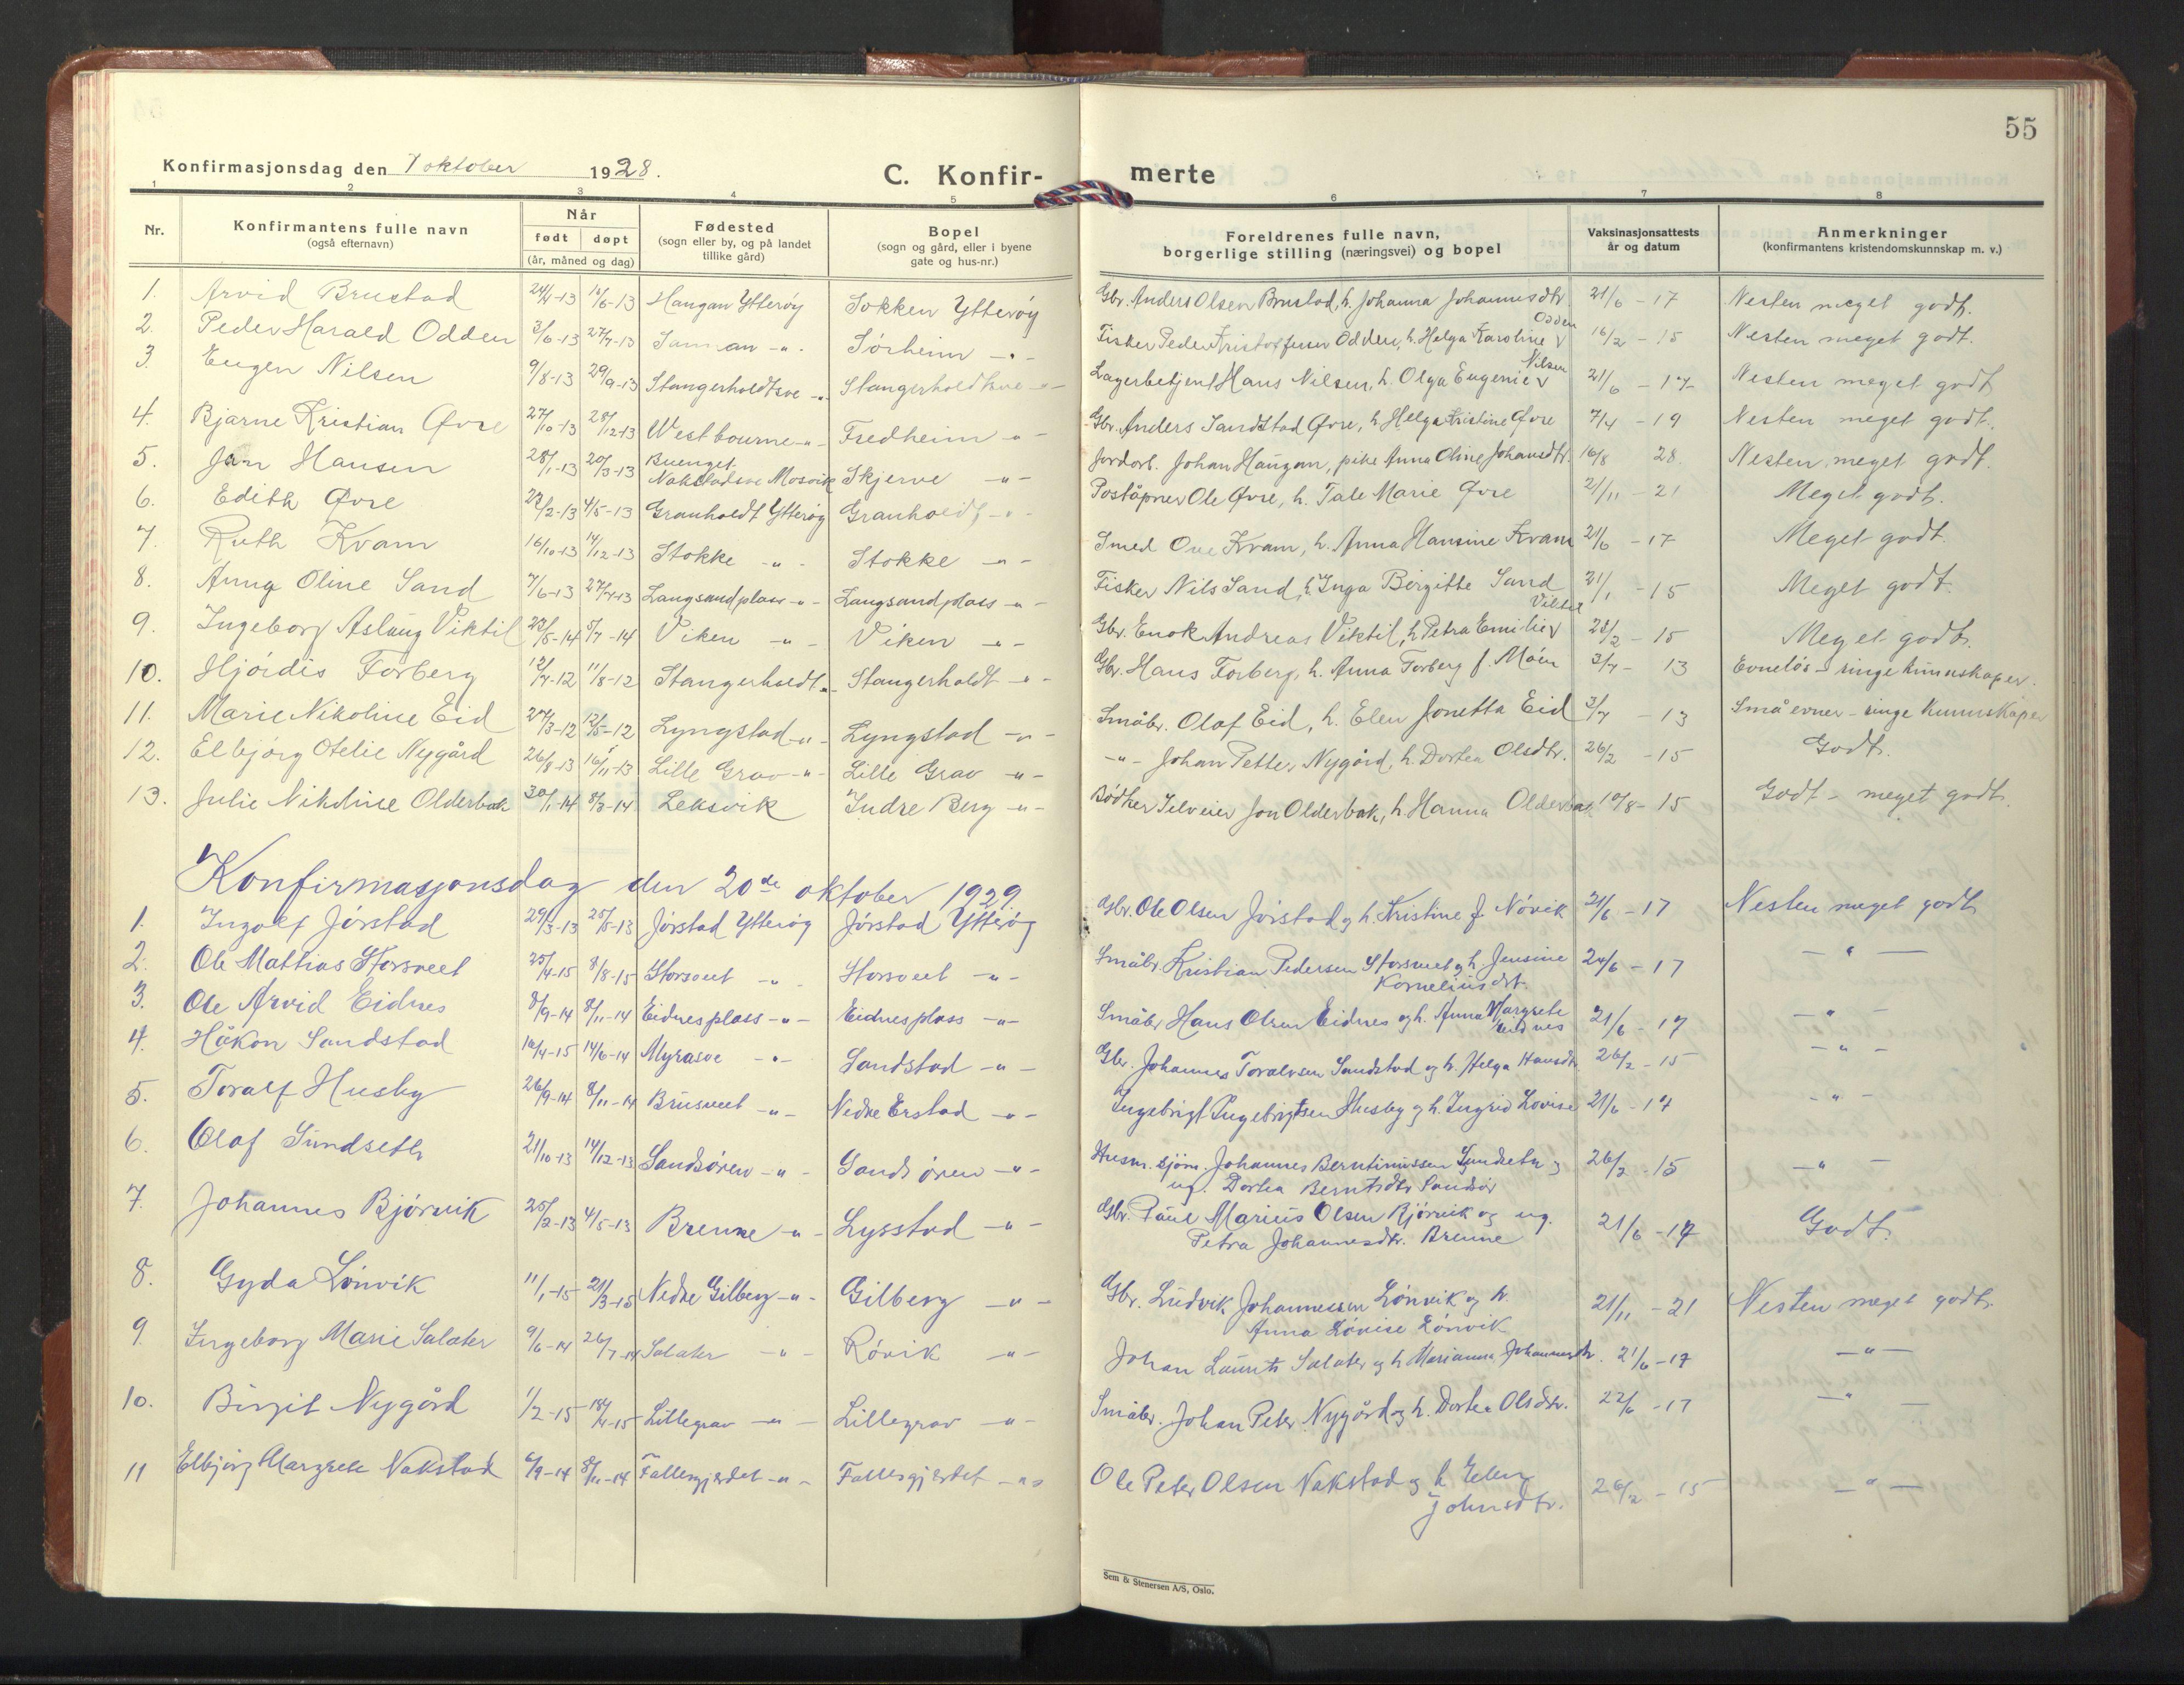 SAT, Ministerialprotokoller, klokkerbøker og fødselsregistre - Nord-Trøndelag, 722/L0227: Klokkerbok nr. 722C03, 1928-1958, s. 55